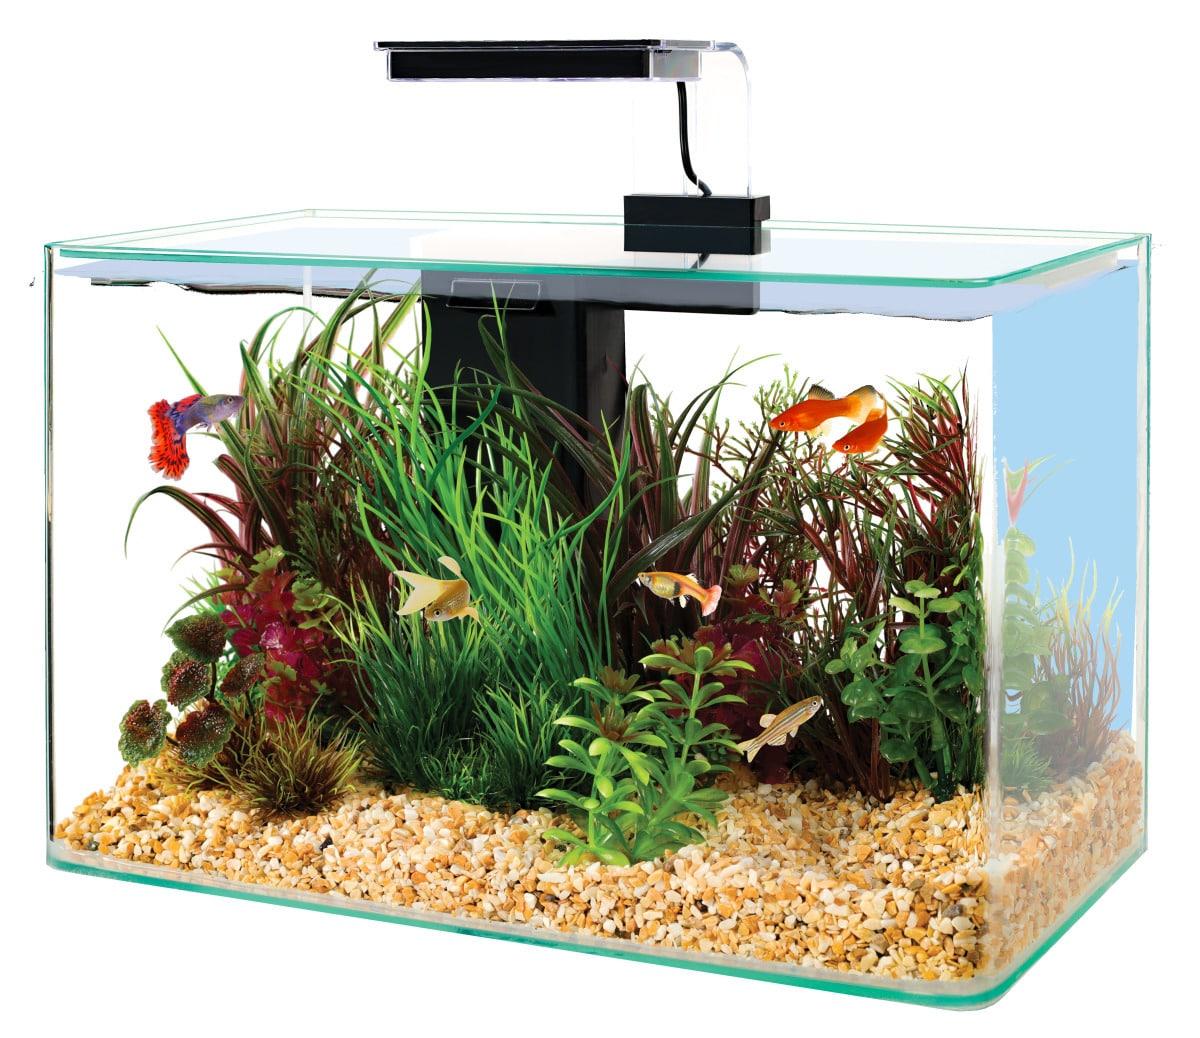 ZOLUX Aqua Clear 40 Noir aquarium 17 L avec éclairage LEDs et filtre interne